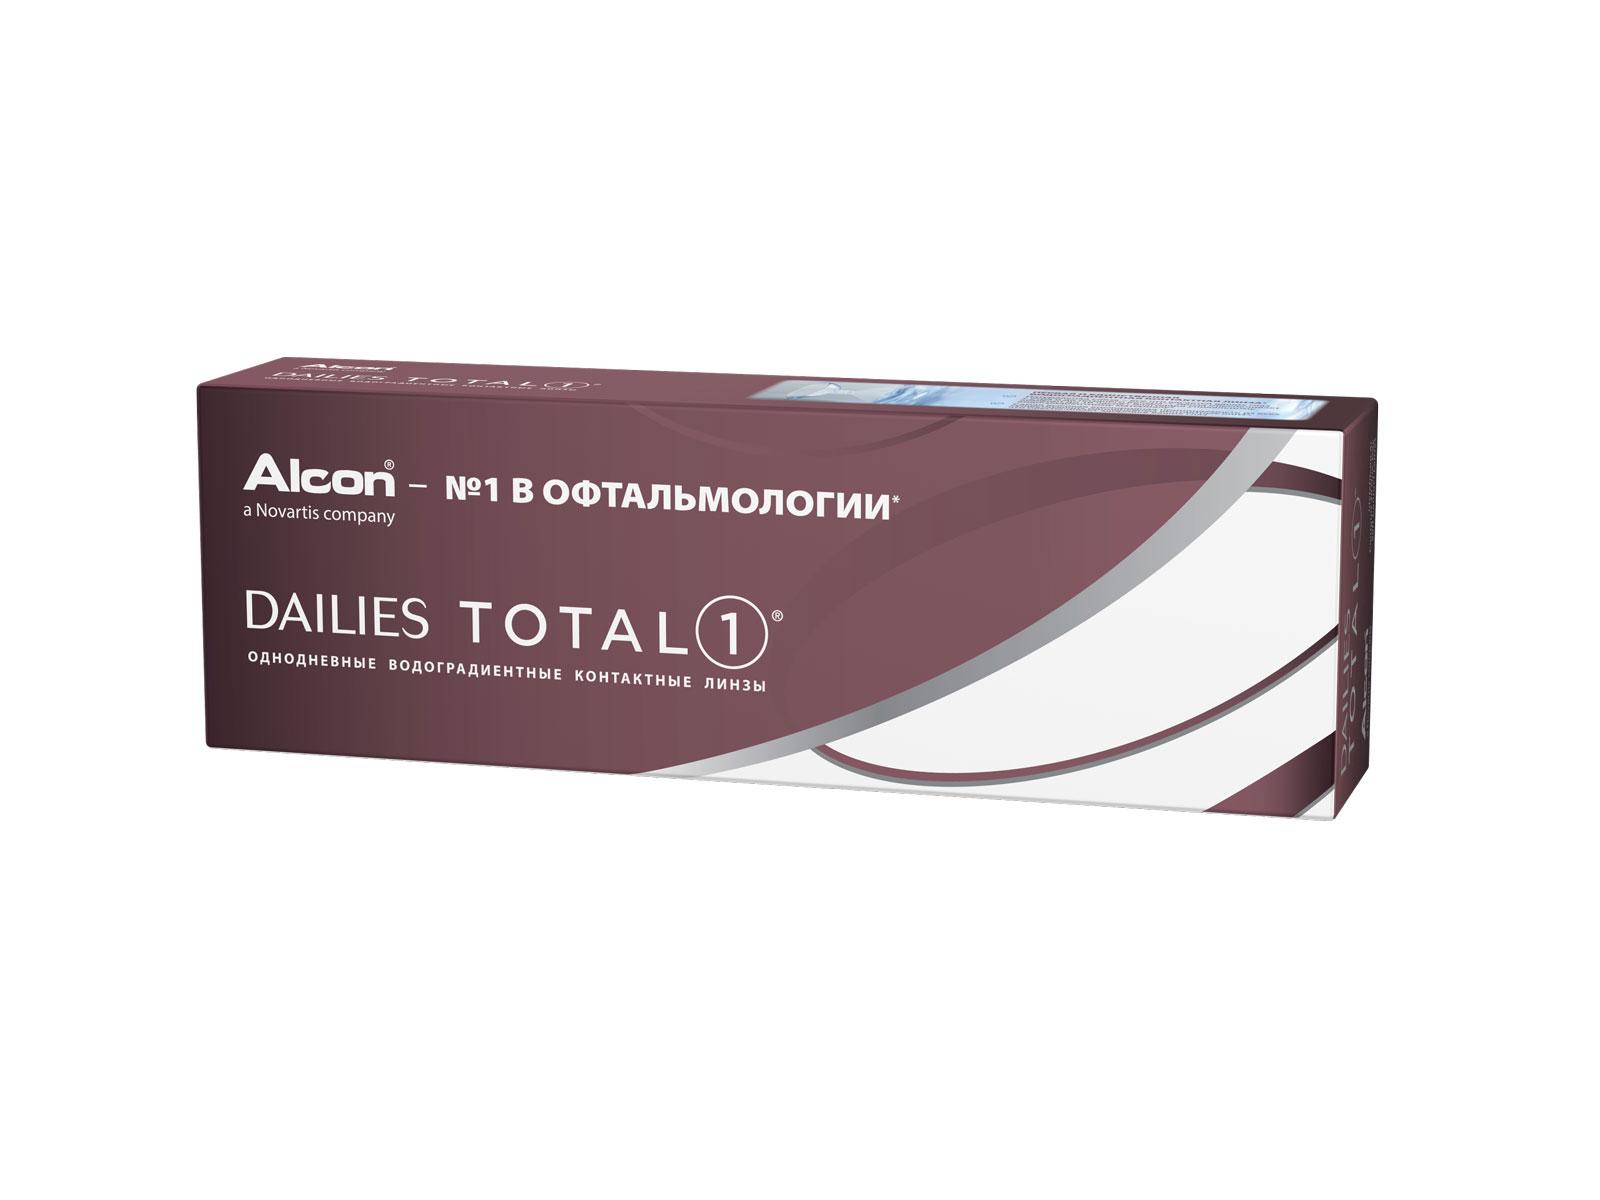 Alcon контактные линзы Dailies Total 1 30pk /+1.25 / 8.5 / 14.1100041933Dailies Total 1 – линзы, которые не чувствуешь с утра и до поздного вечера. Эти однодневные контактные линзы выполнены из уникального водоградиентного материала, багодаря которому натуральная слеза – это все, что касается ваших глаз. Почти 100% влаги на поверхности обеспечивают непревзойденный комфорт до 16 часов ношения.